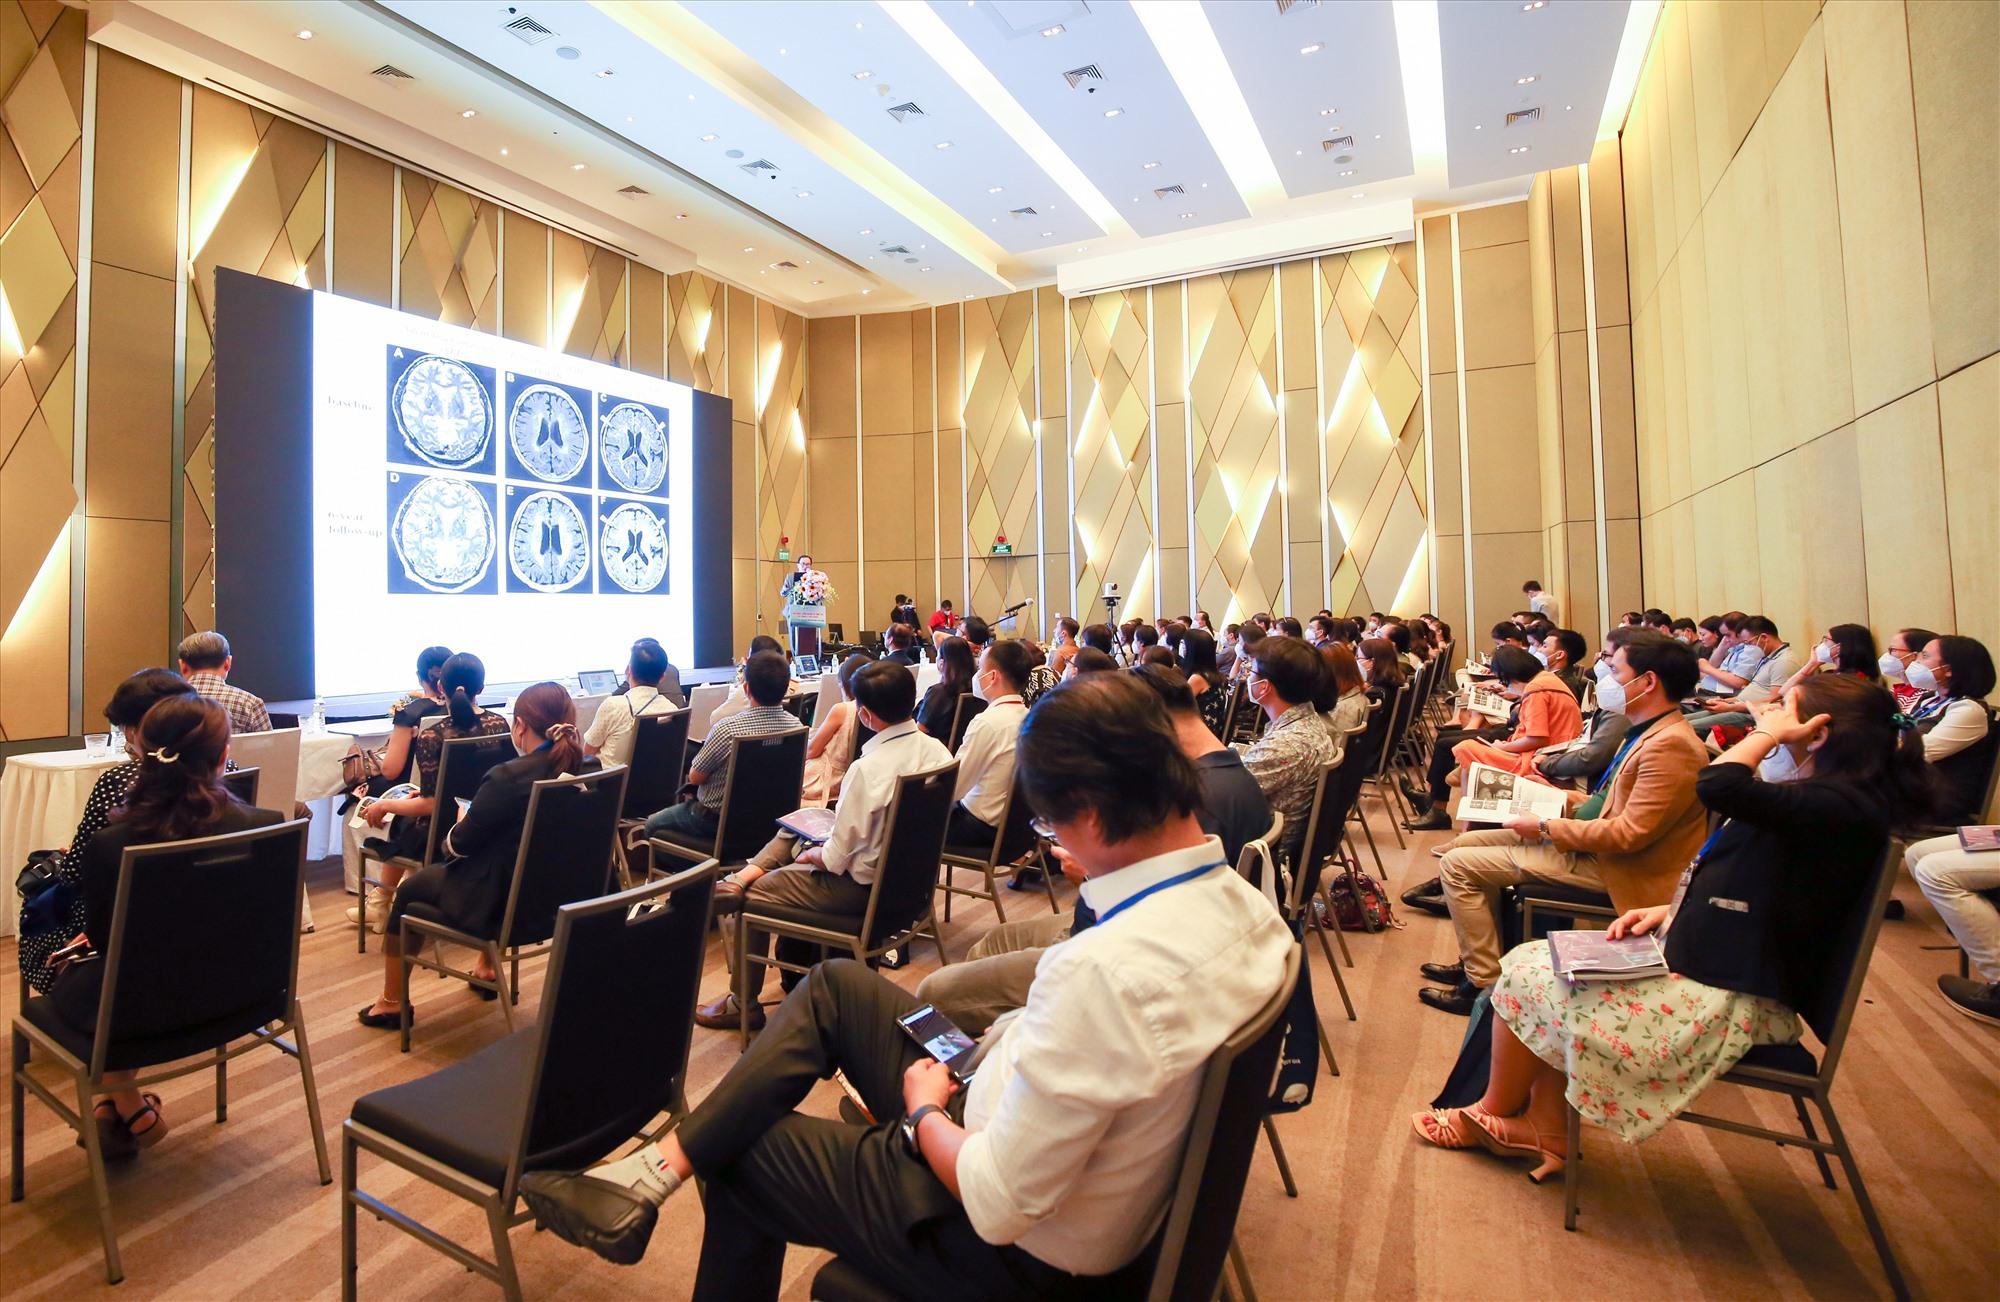 Hội nghị tập trung vào 6 nhóm chủ đề y khoa được quan tâm nhất hiện nay